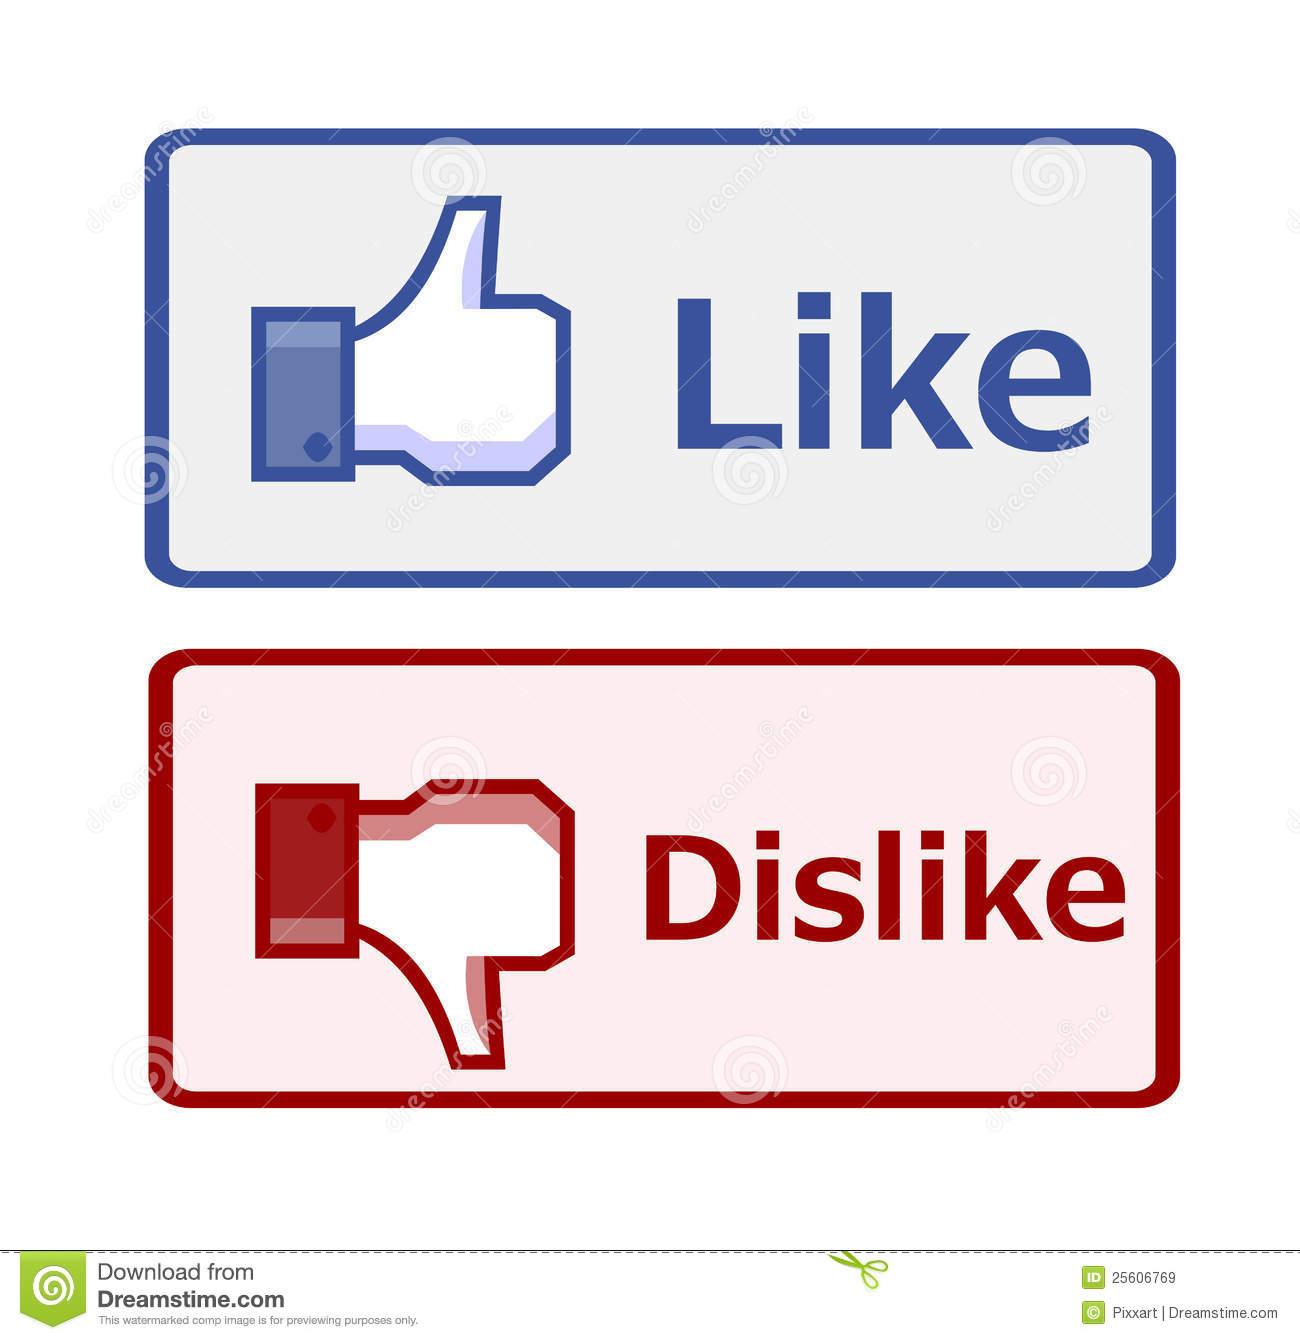 Like dislike clipart image free library Like dislike clipart - ClipartFest image free library